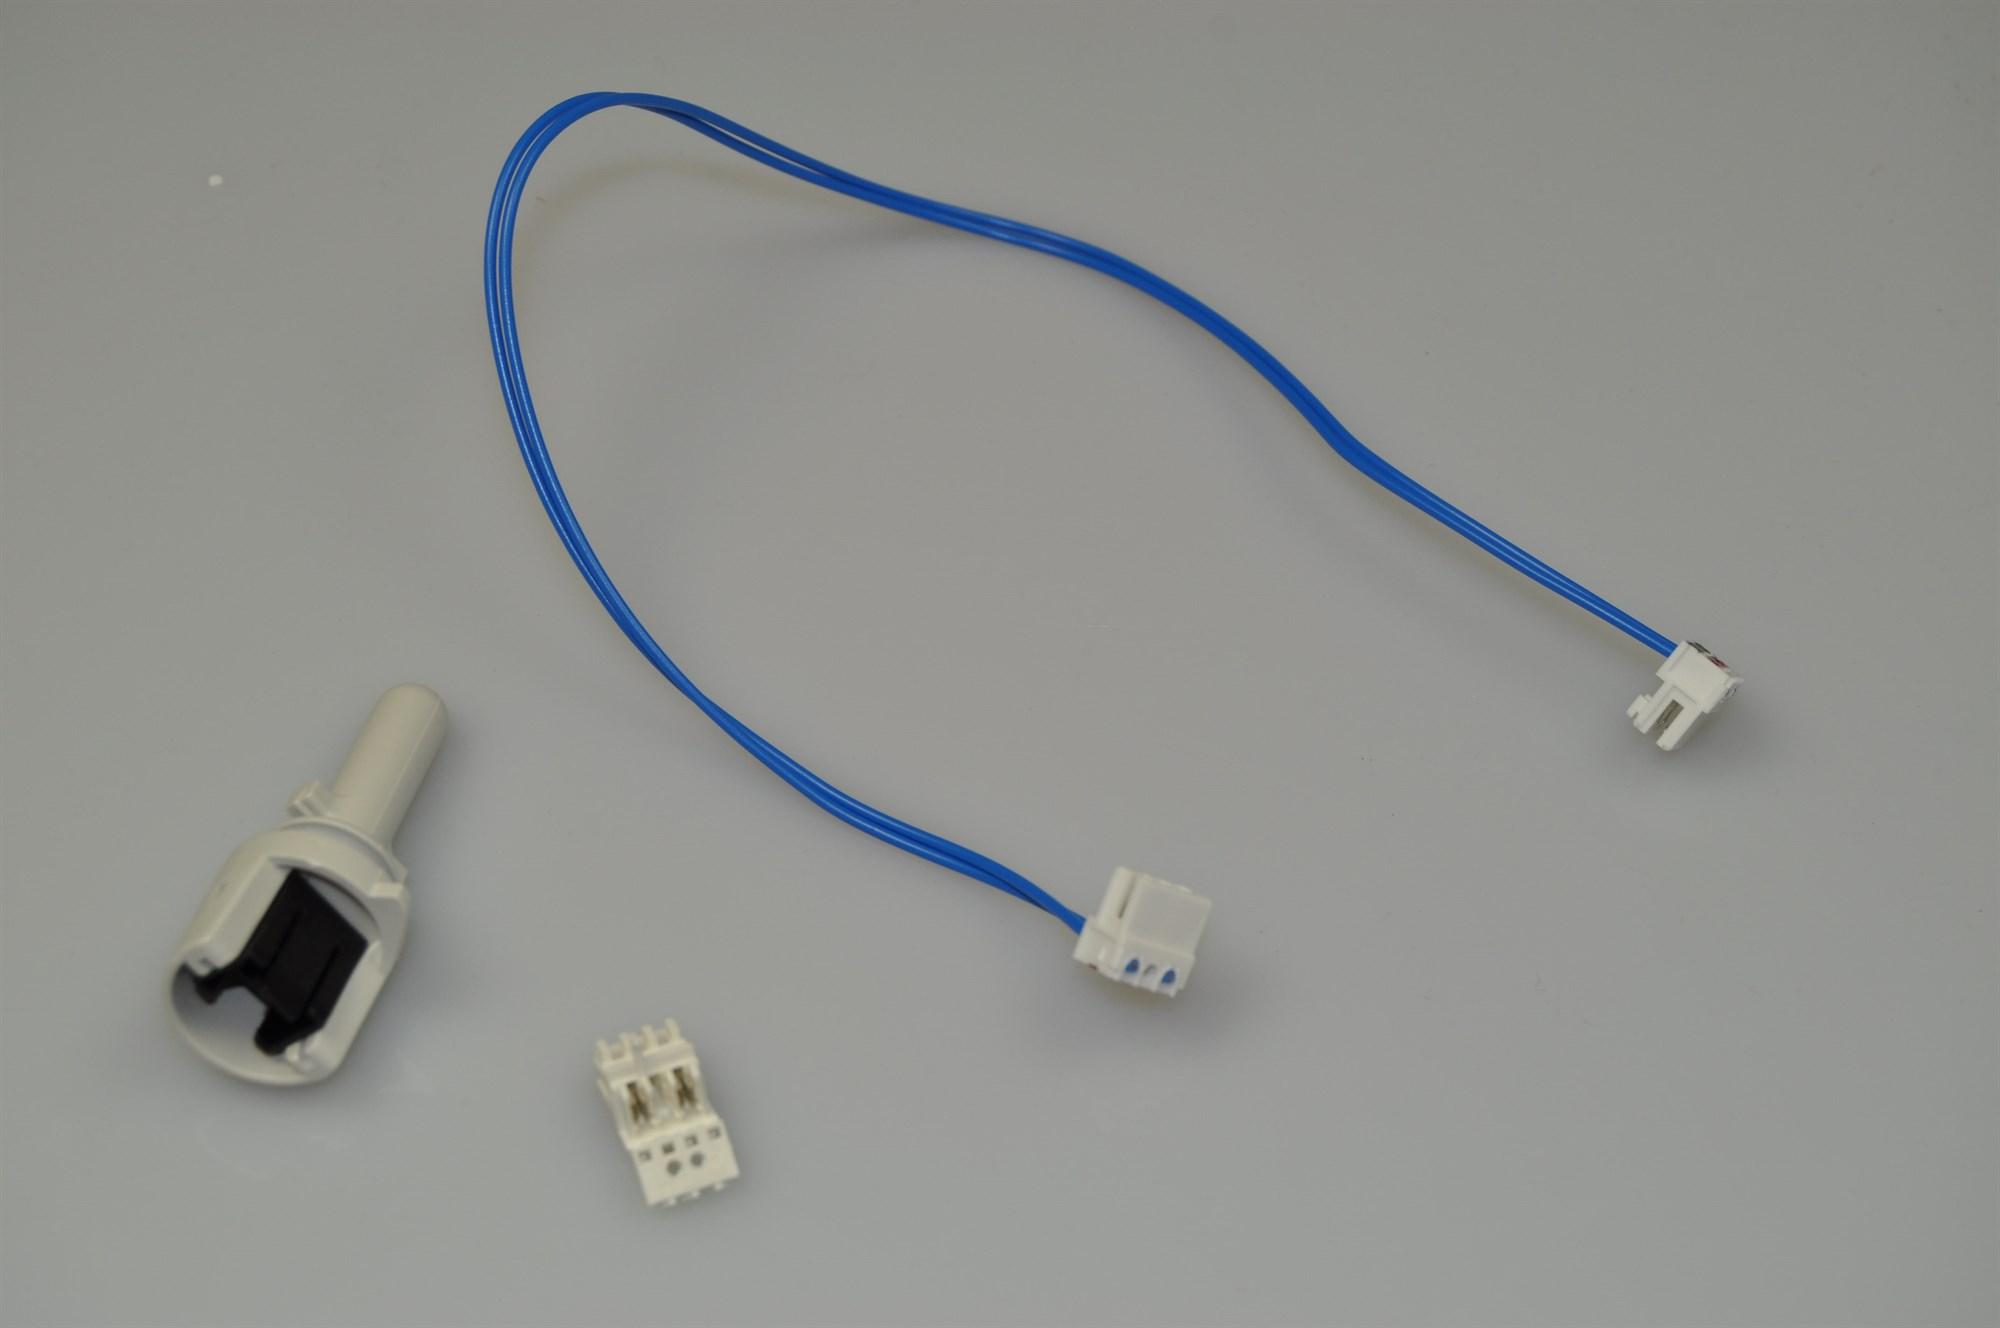 Termostat, Ikea diskmaskin (NTC givare)